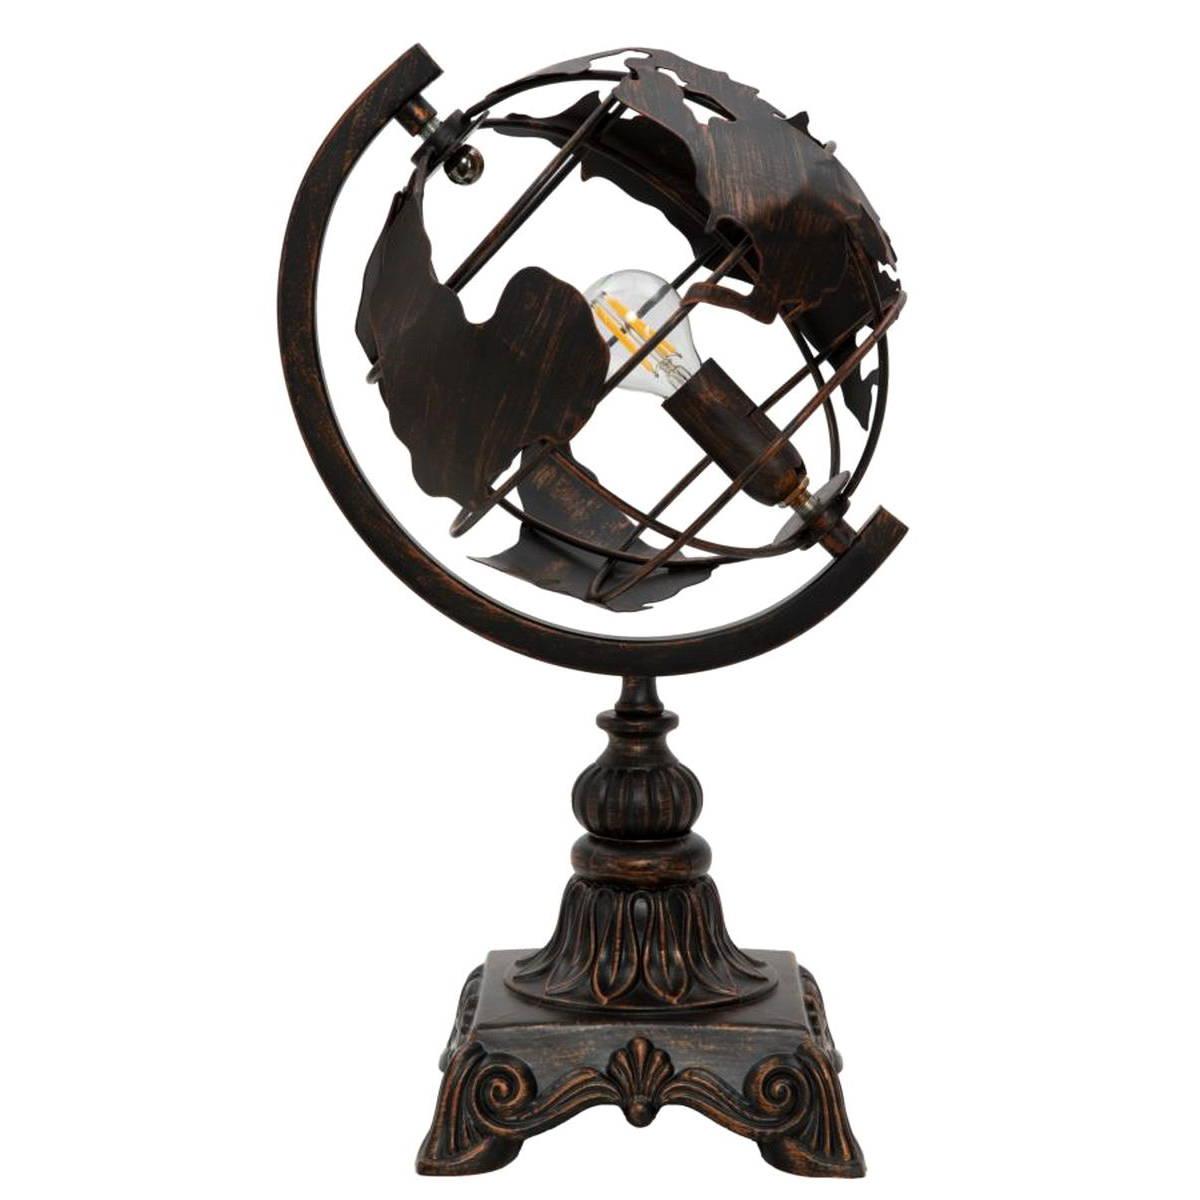 Lampada Da Tavolo A Forma Di Mappamondo Nera Naturdecor